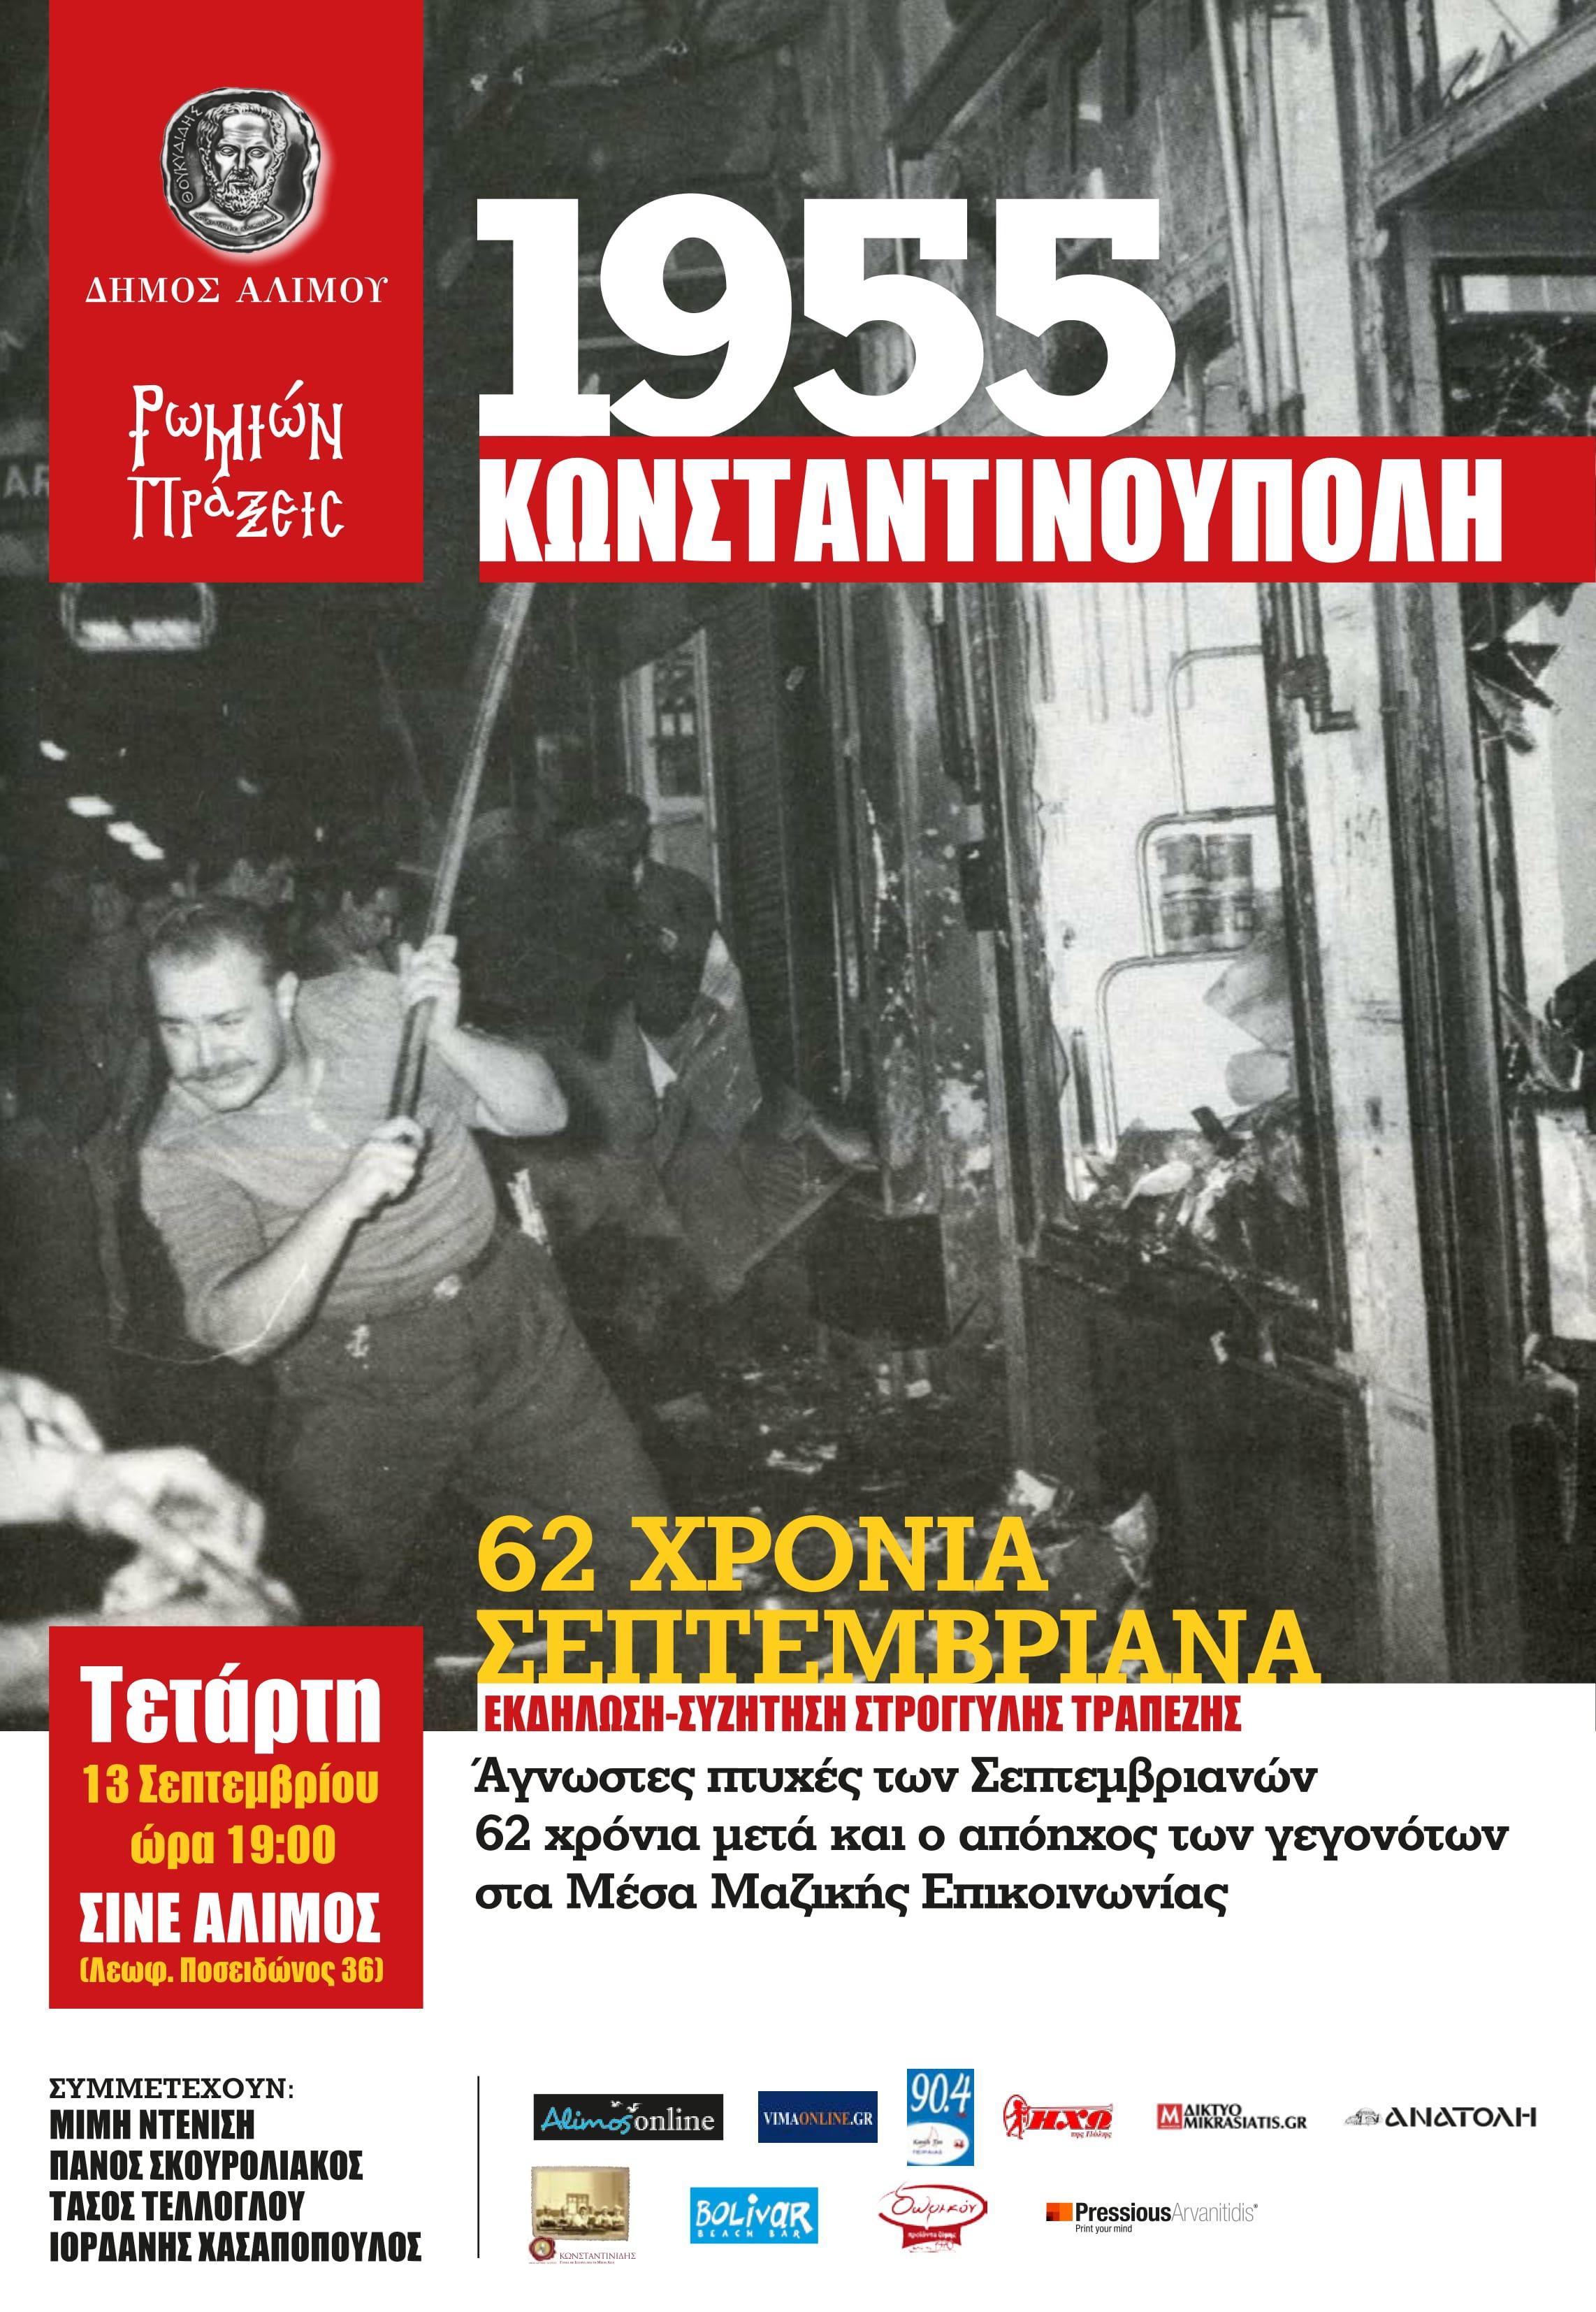 Σήμερα η εκδήλωση ιστορικής μνήμης «62 χρόνια μετά τα Σεπτεμβριανά» στο Cine Άλιμος